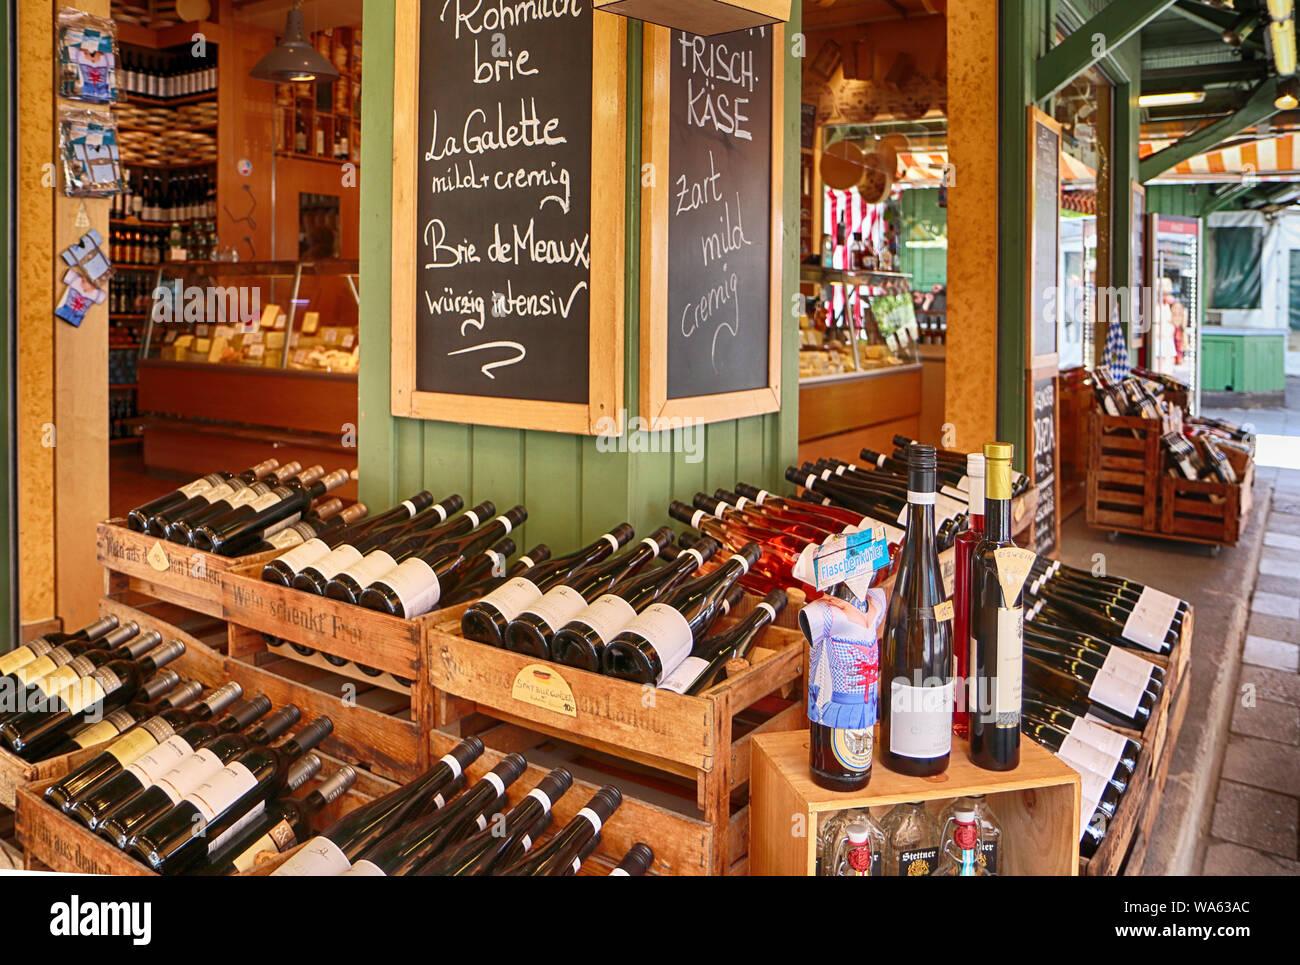 MUNICH, ALLEMAGNE- le 16 août 2019, Gourmet food and wine shop propose des spécialités internationales à Munich Viktualienmarkt, monument pour les acheteurs locaux et Banque D'Images